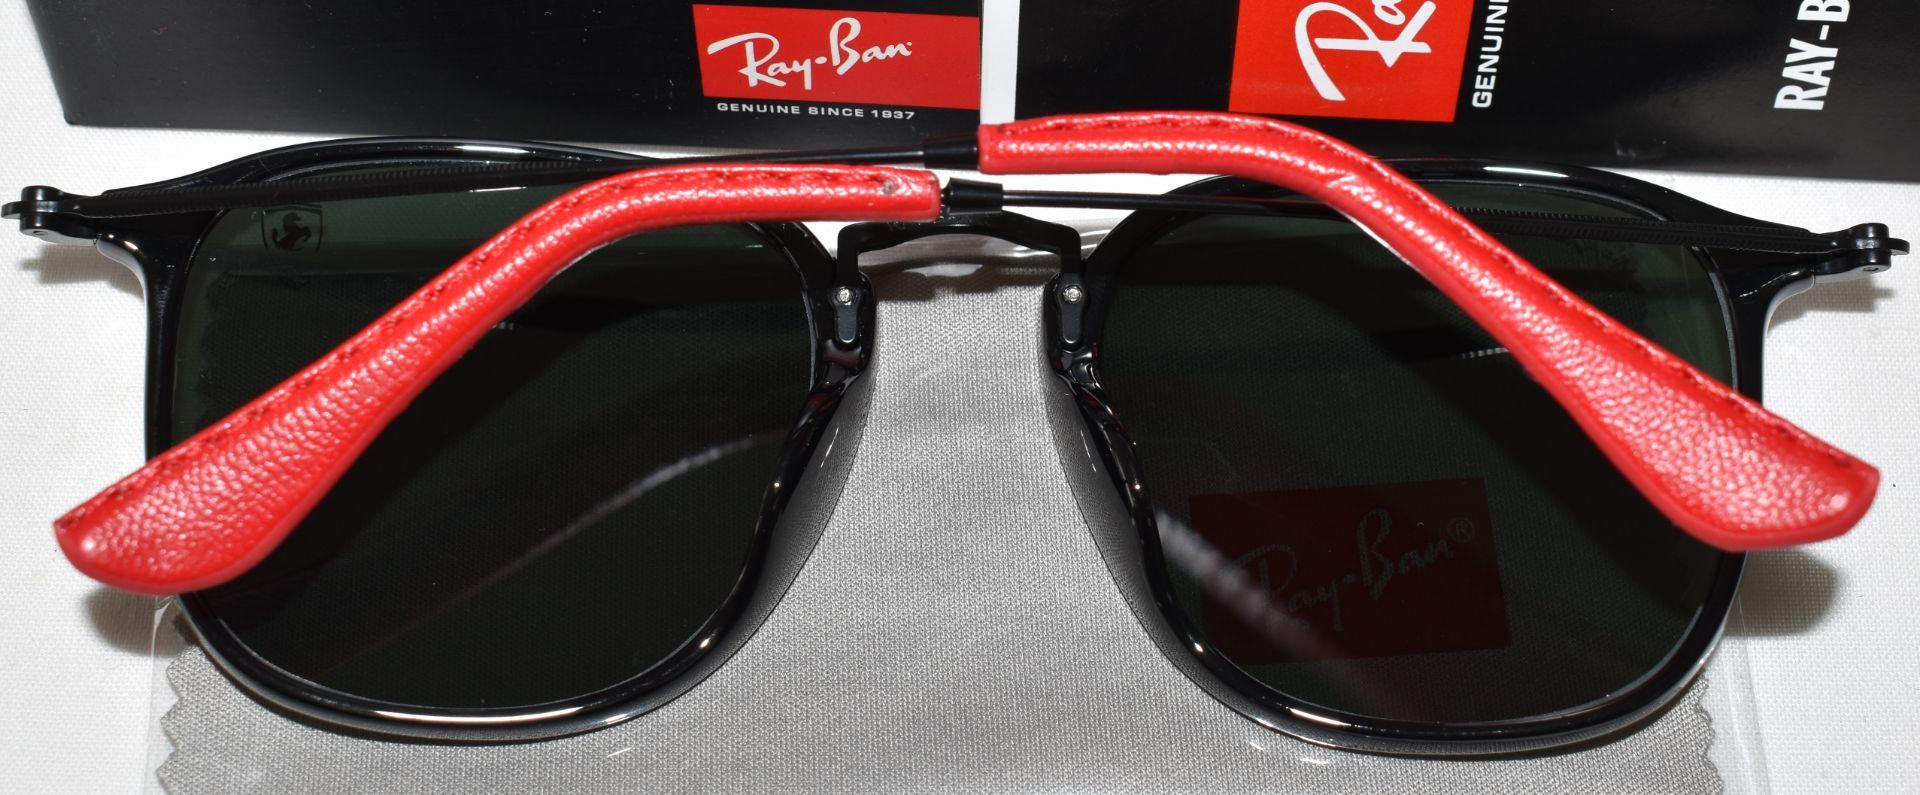 Ray Ban Sunglasses(Ferrari) ORB2448N 601 *3N - Image 3 of 4